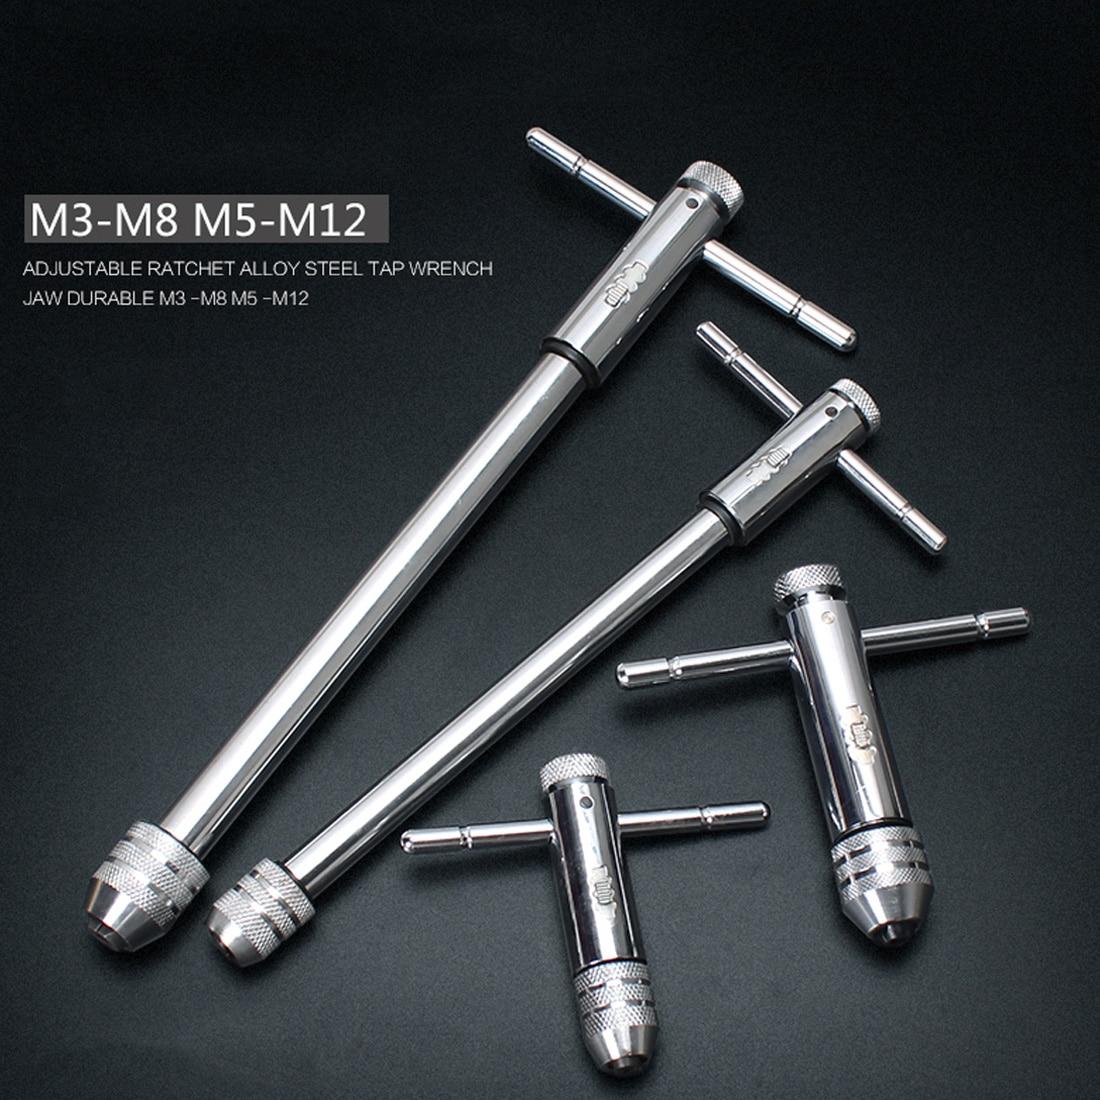 2 Pack réversible t bar poignée cliquet Clé Robinet M3-M8 M5-M12 tap /& die set